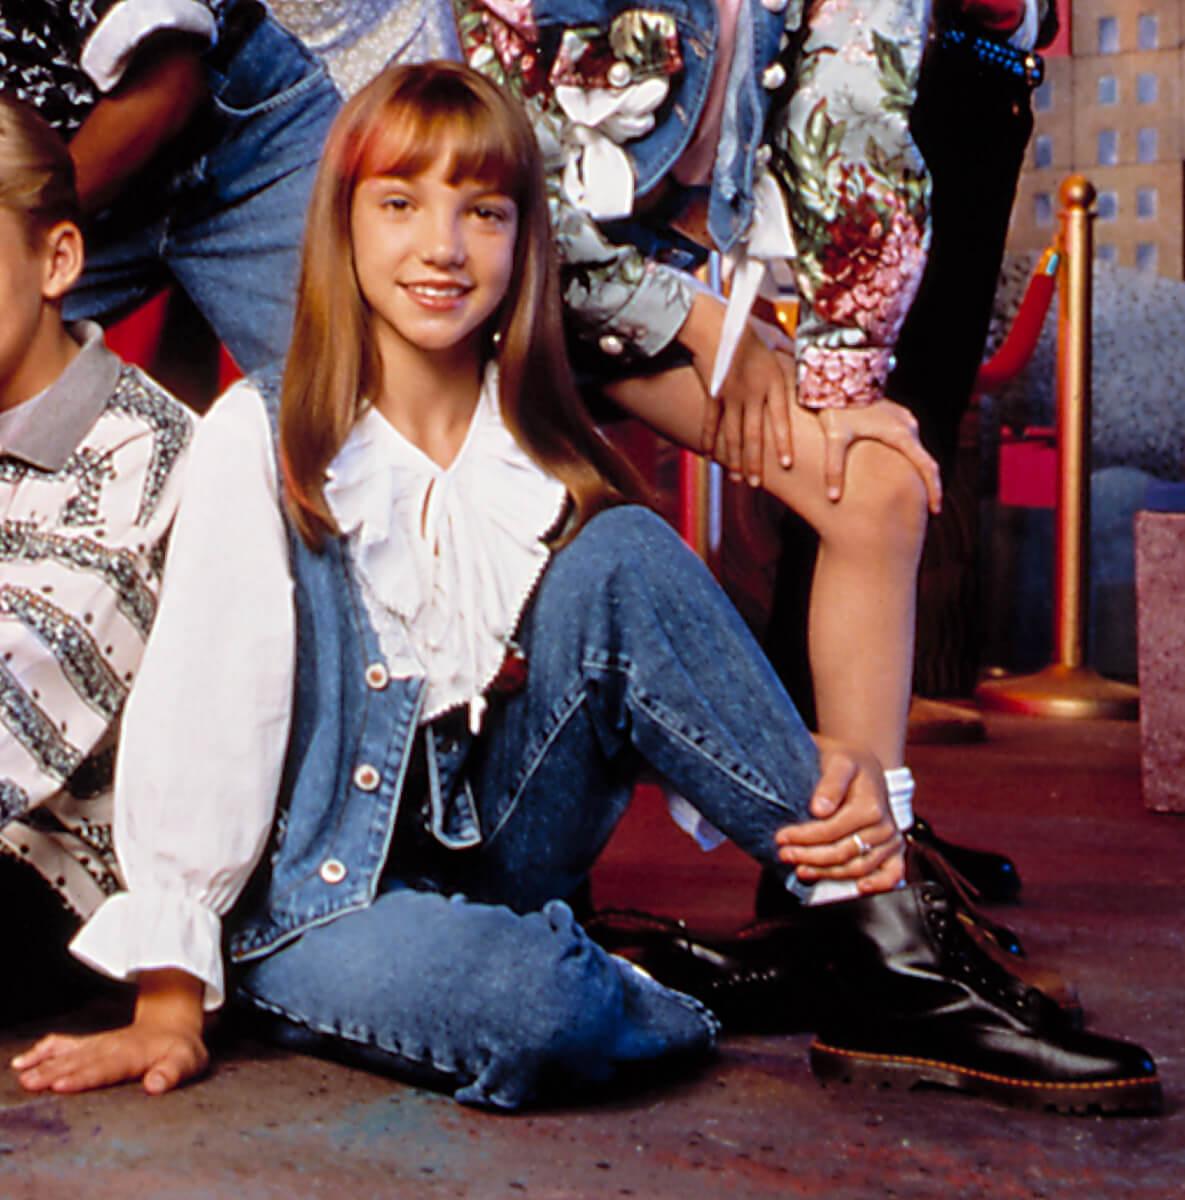 ディズニーチャンネルの人気番組『ミッキー・マウス・クラブ』に出演していたころのブリトニー・スピアーズ。